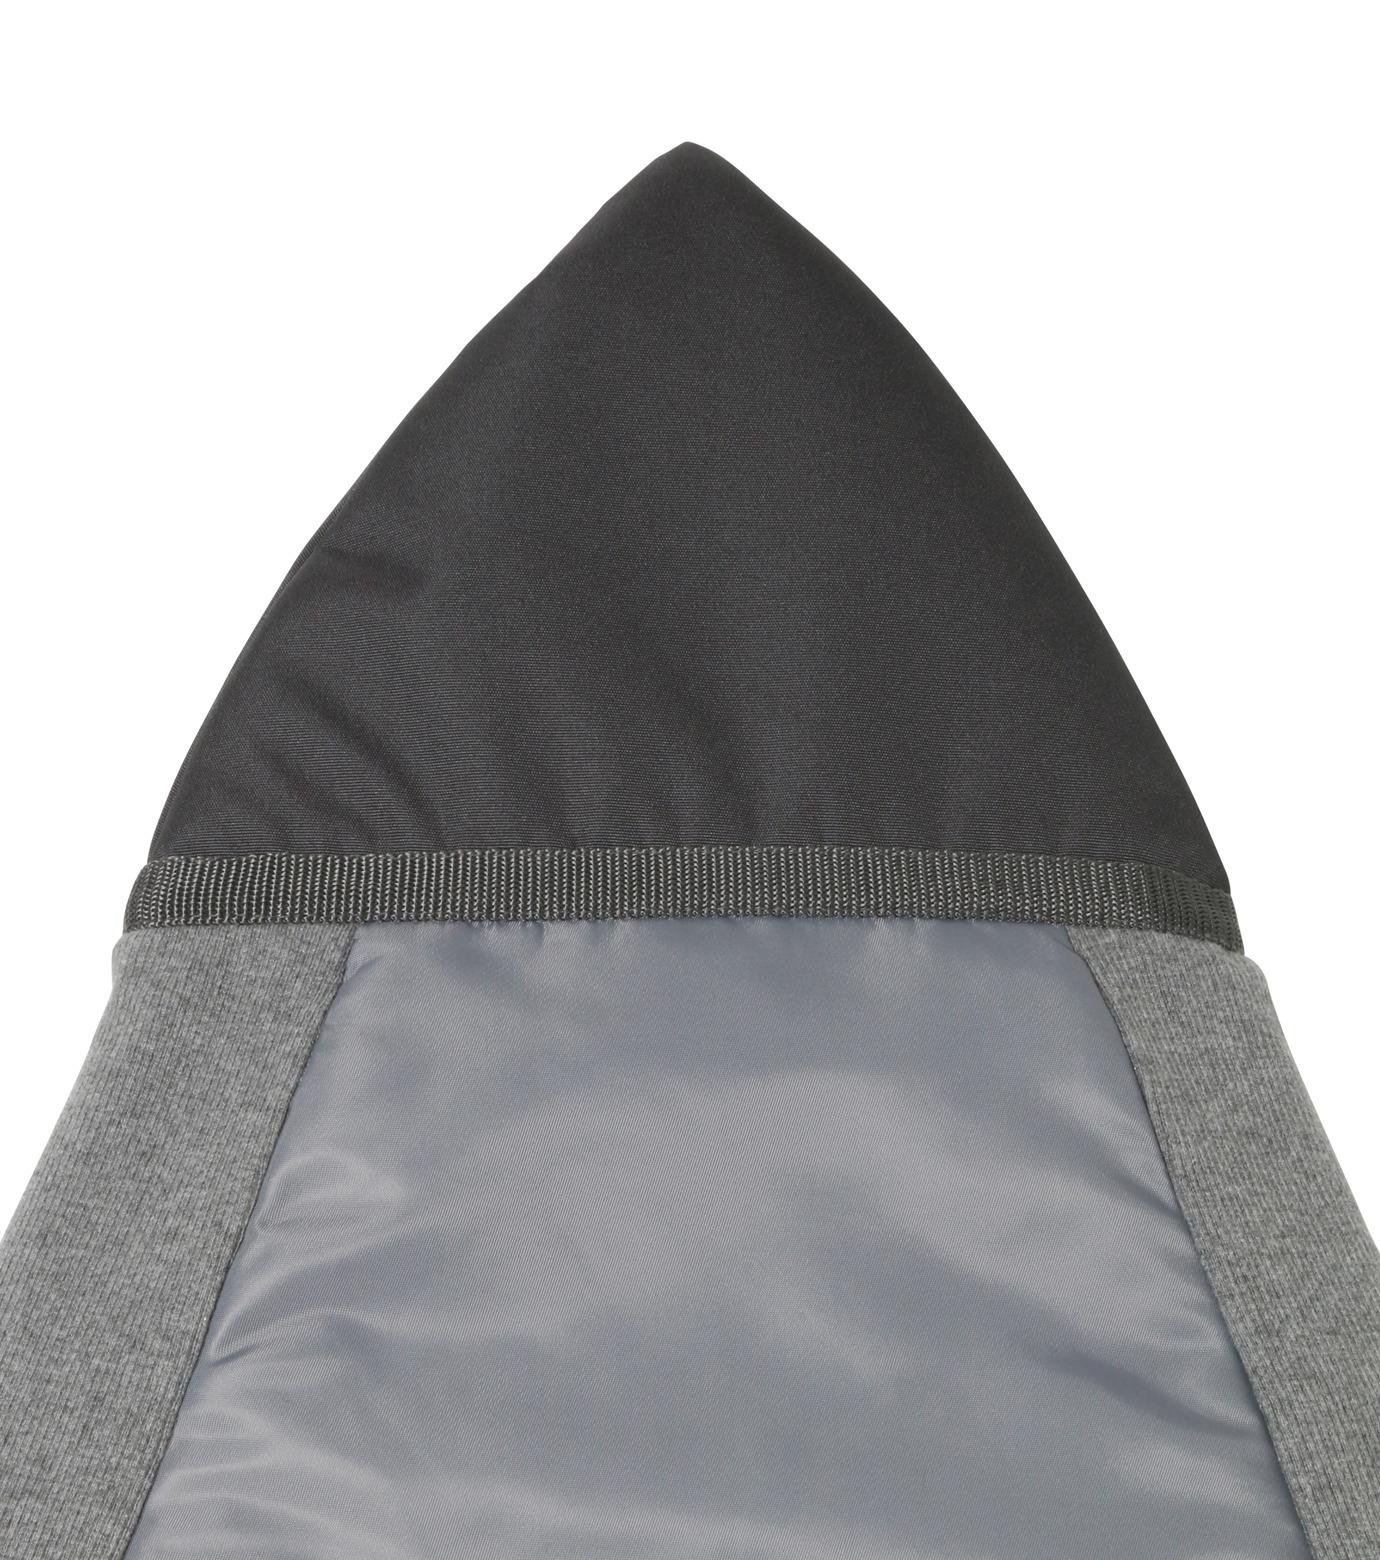 HEY YOU !(ヘイユウ)のSurfboard Jacket Retro-GRAY(サーフ/OUTDOOR/surf/OUTDOOR)-18S90010-11 拡大詳細画像2